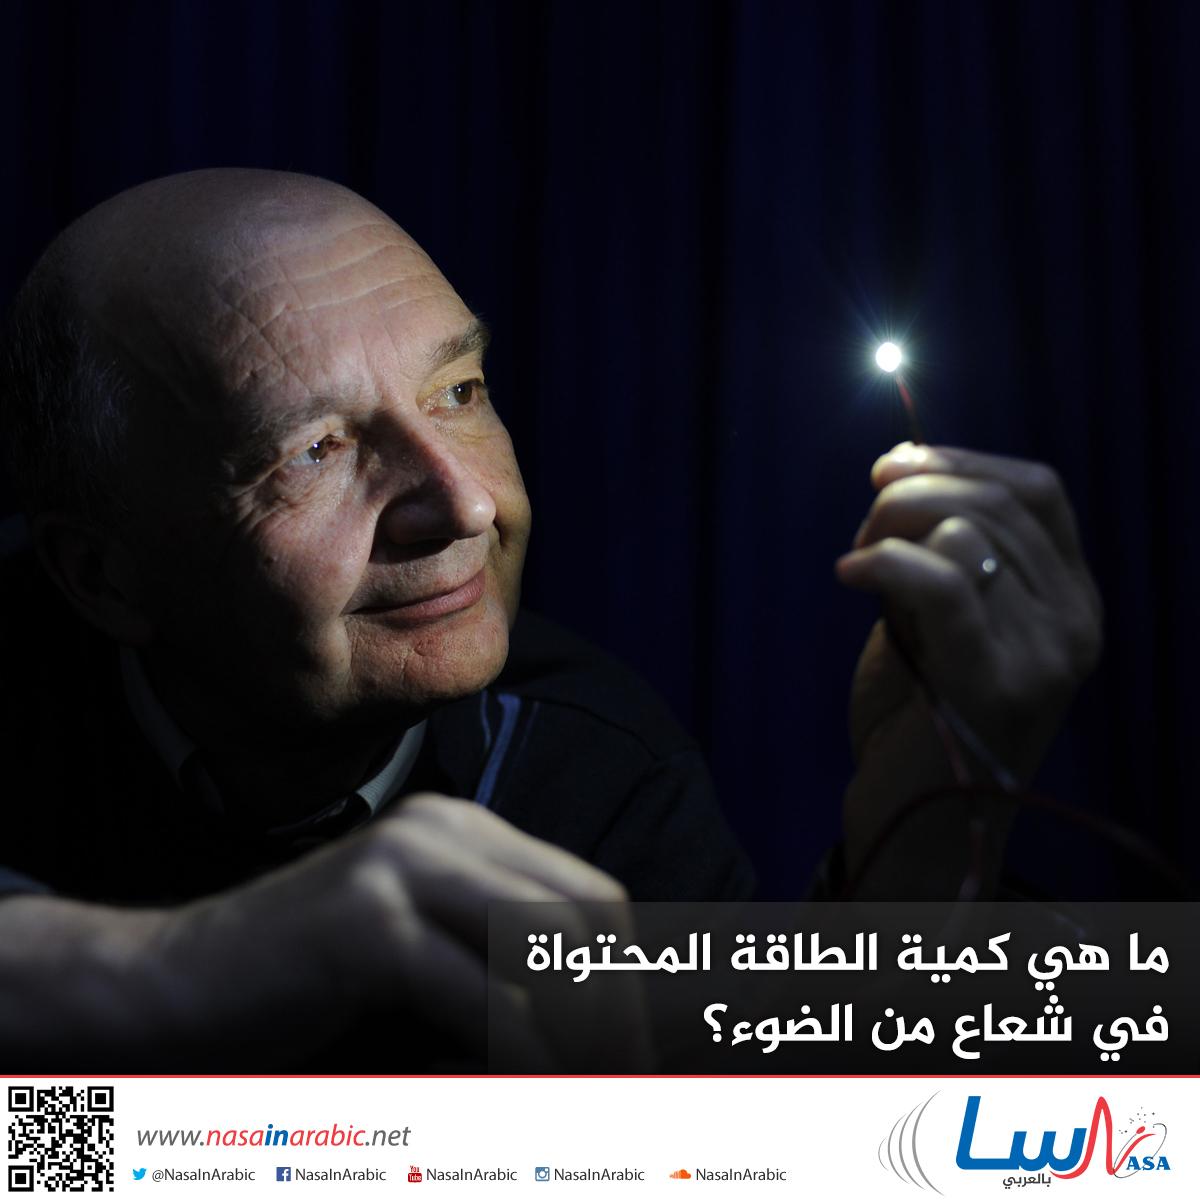 ما هي كمية الطاقة المحتواة في شعاع من الضوء؟